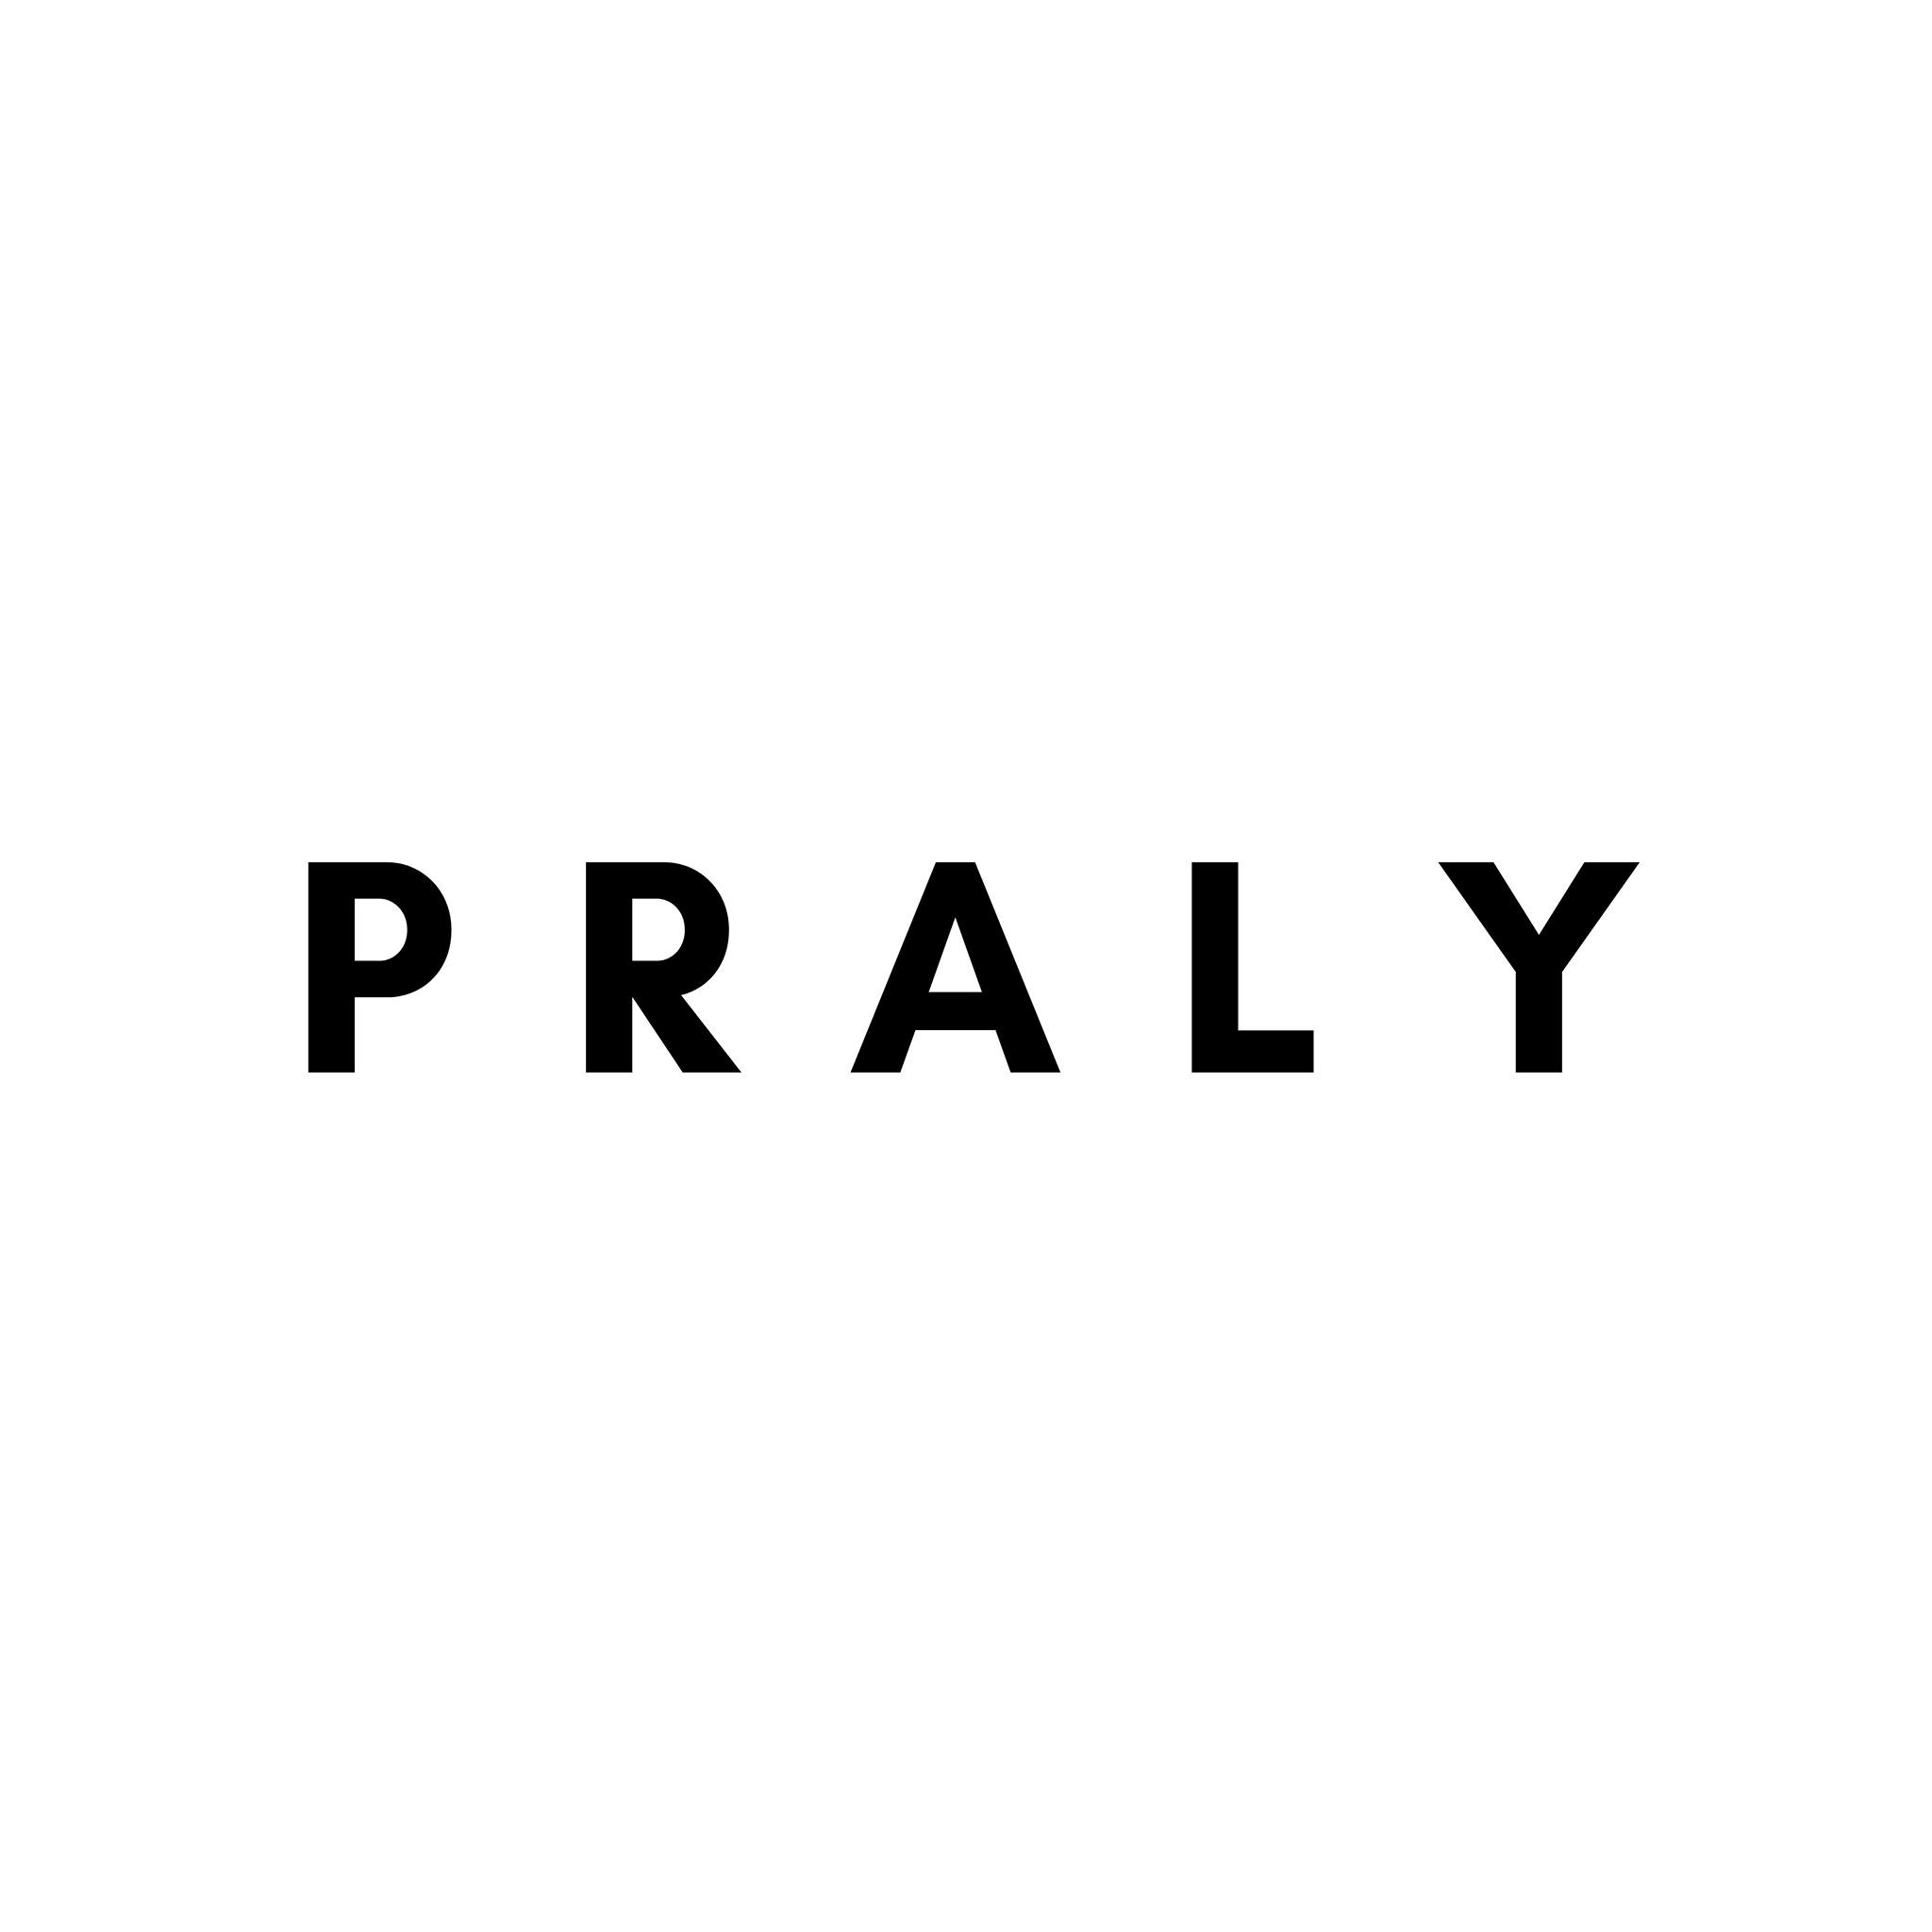 PRALY